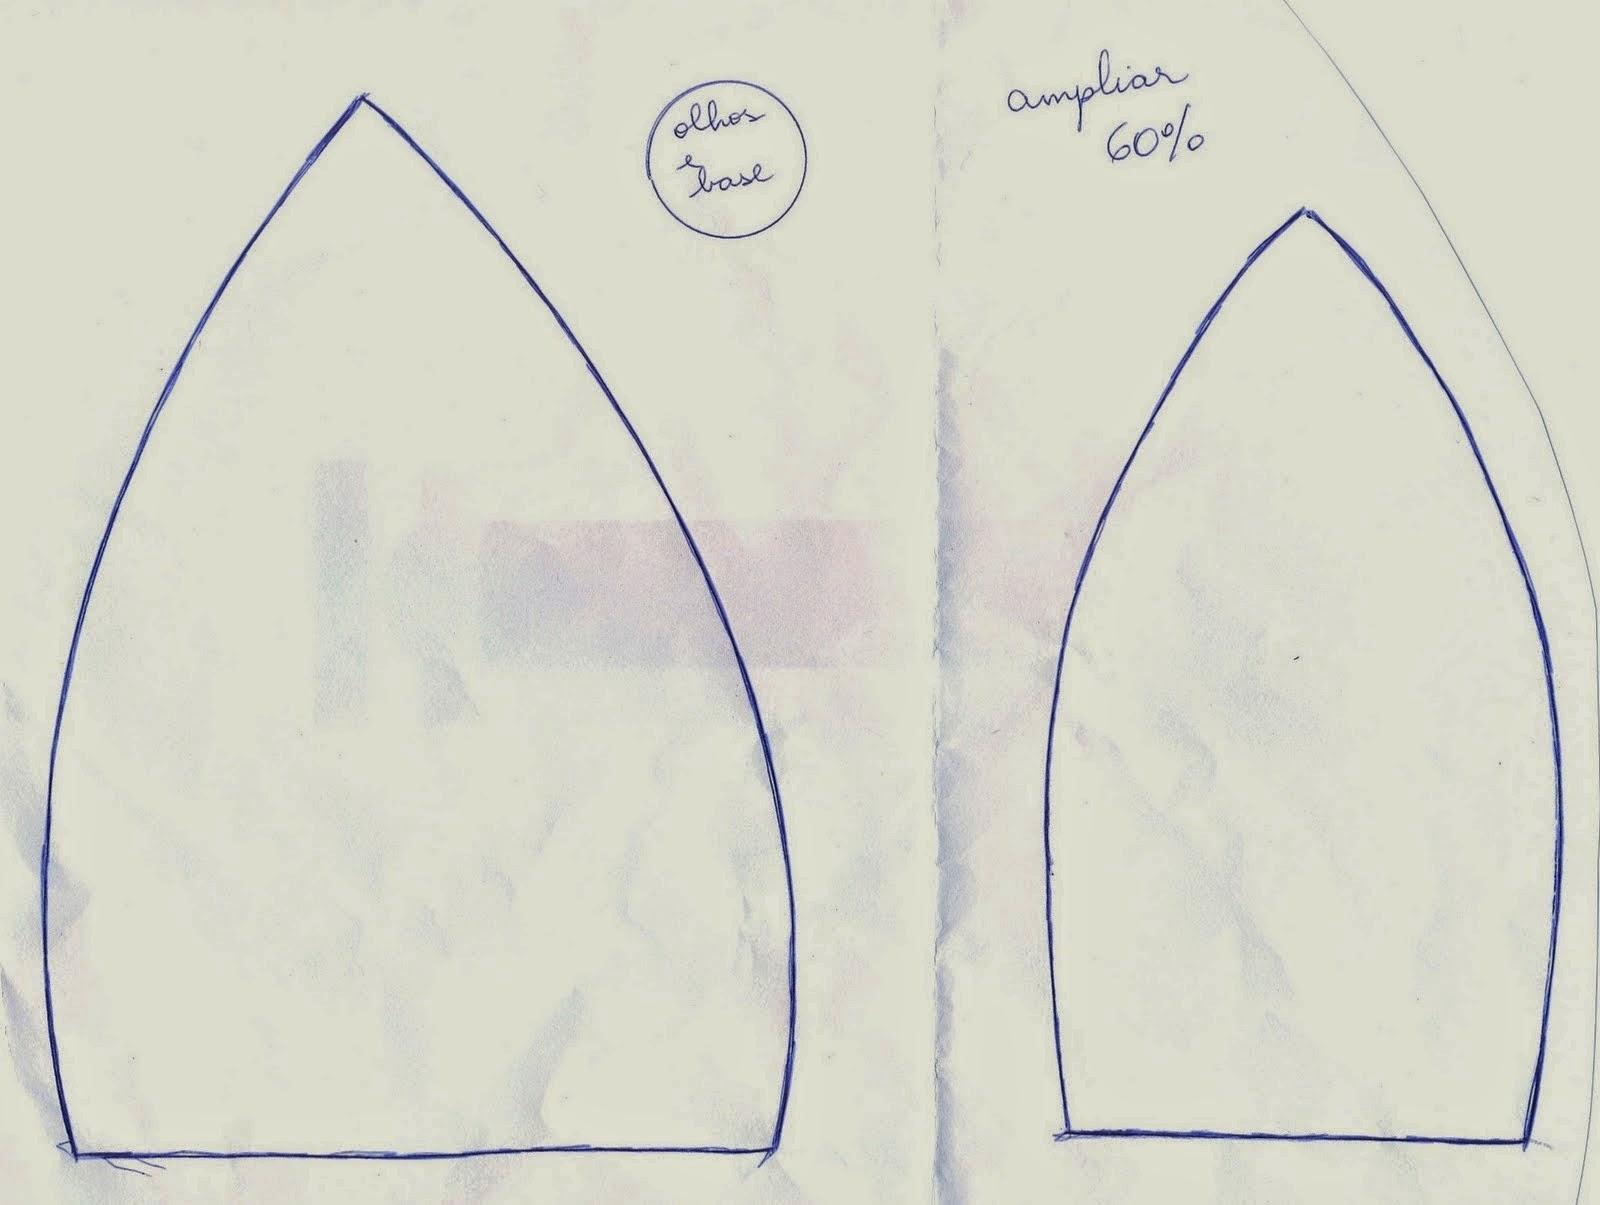 Corujas De Tecido Peso Porta Moldes E V Deo Passo A